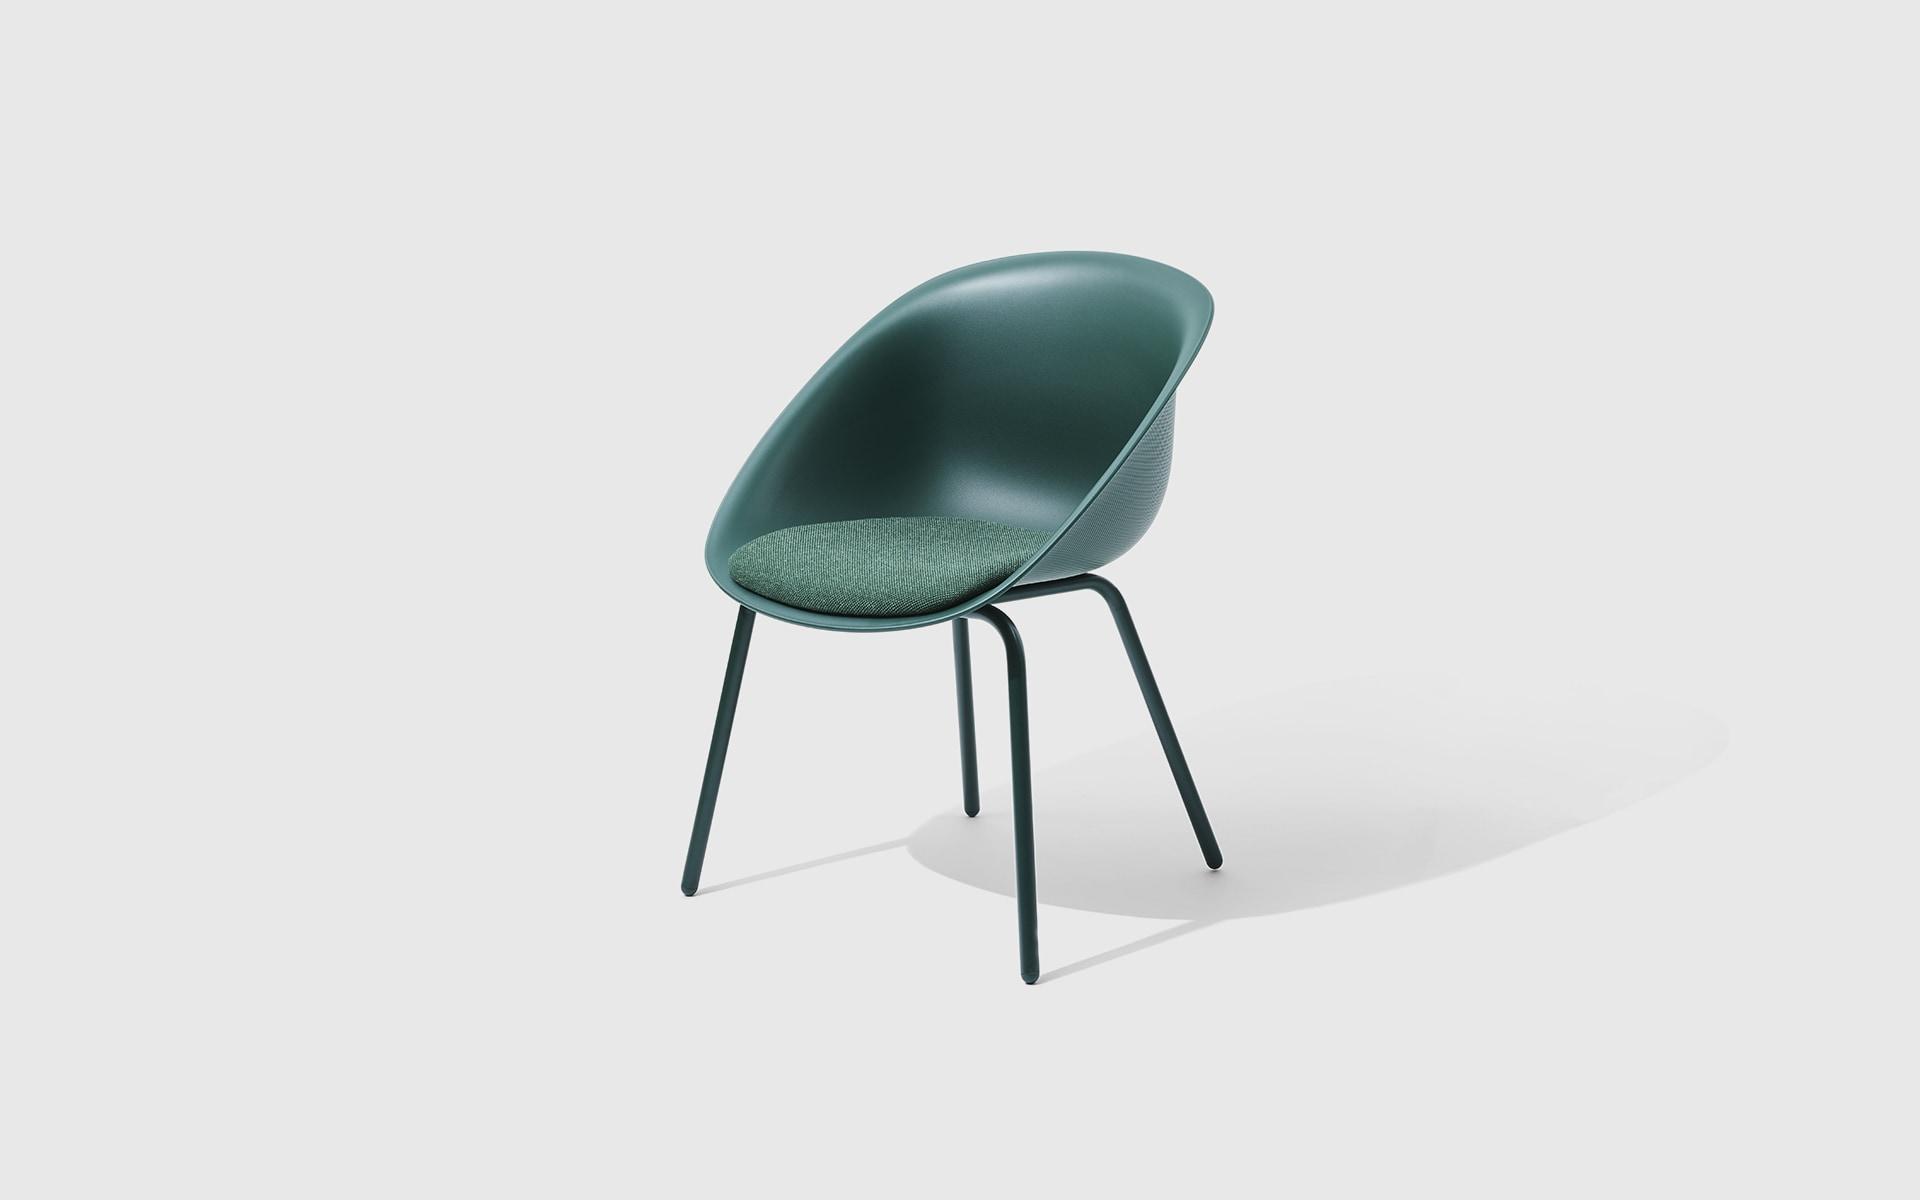 Der ITOKI Wan Schalenstuhl von ITO Design in dunkelgrün